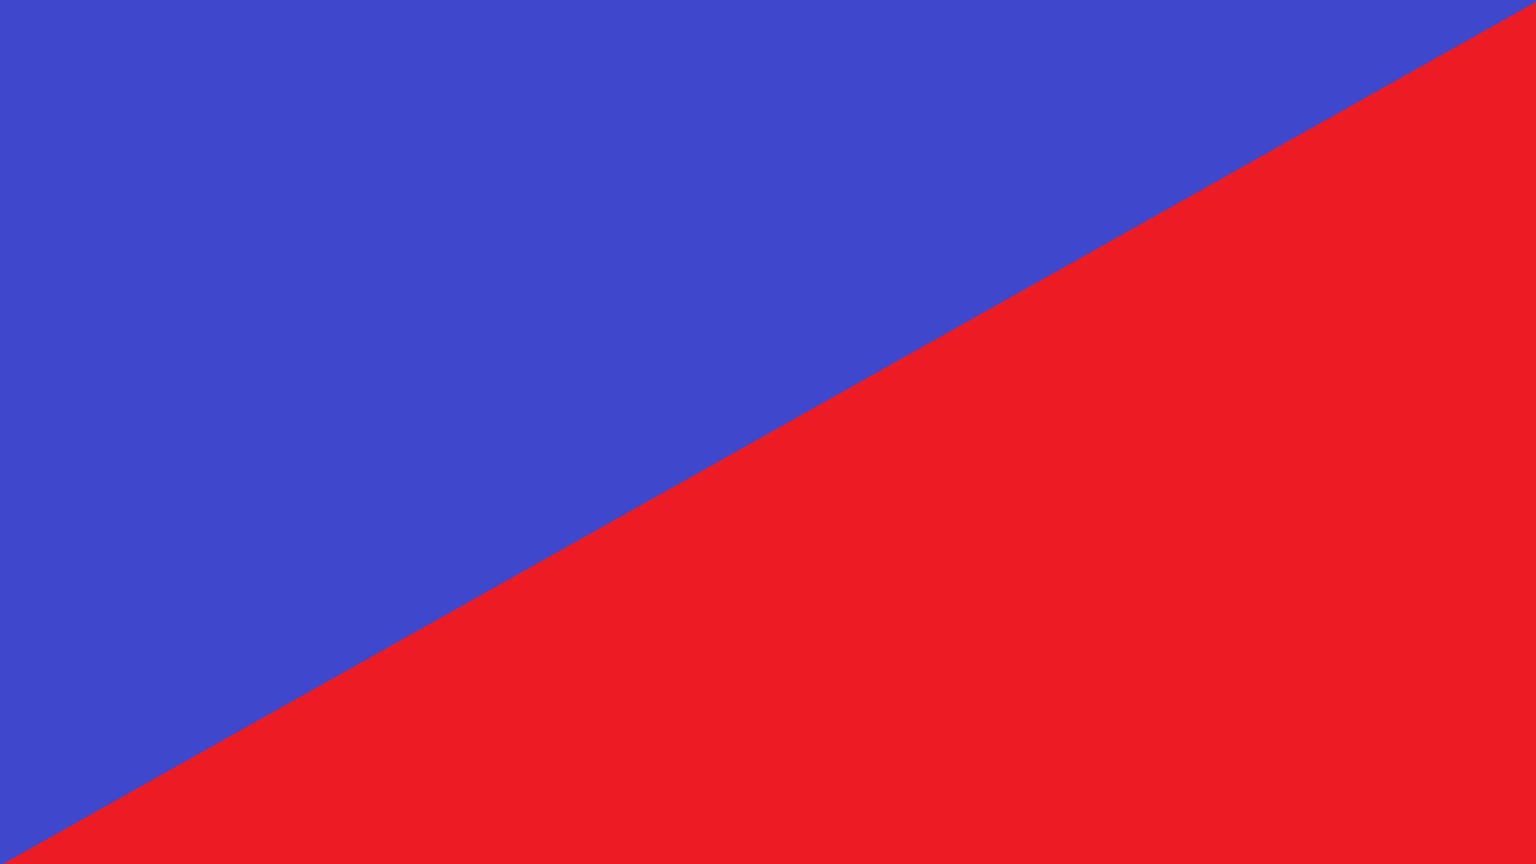 rot/blau